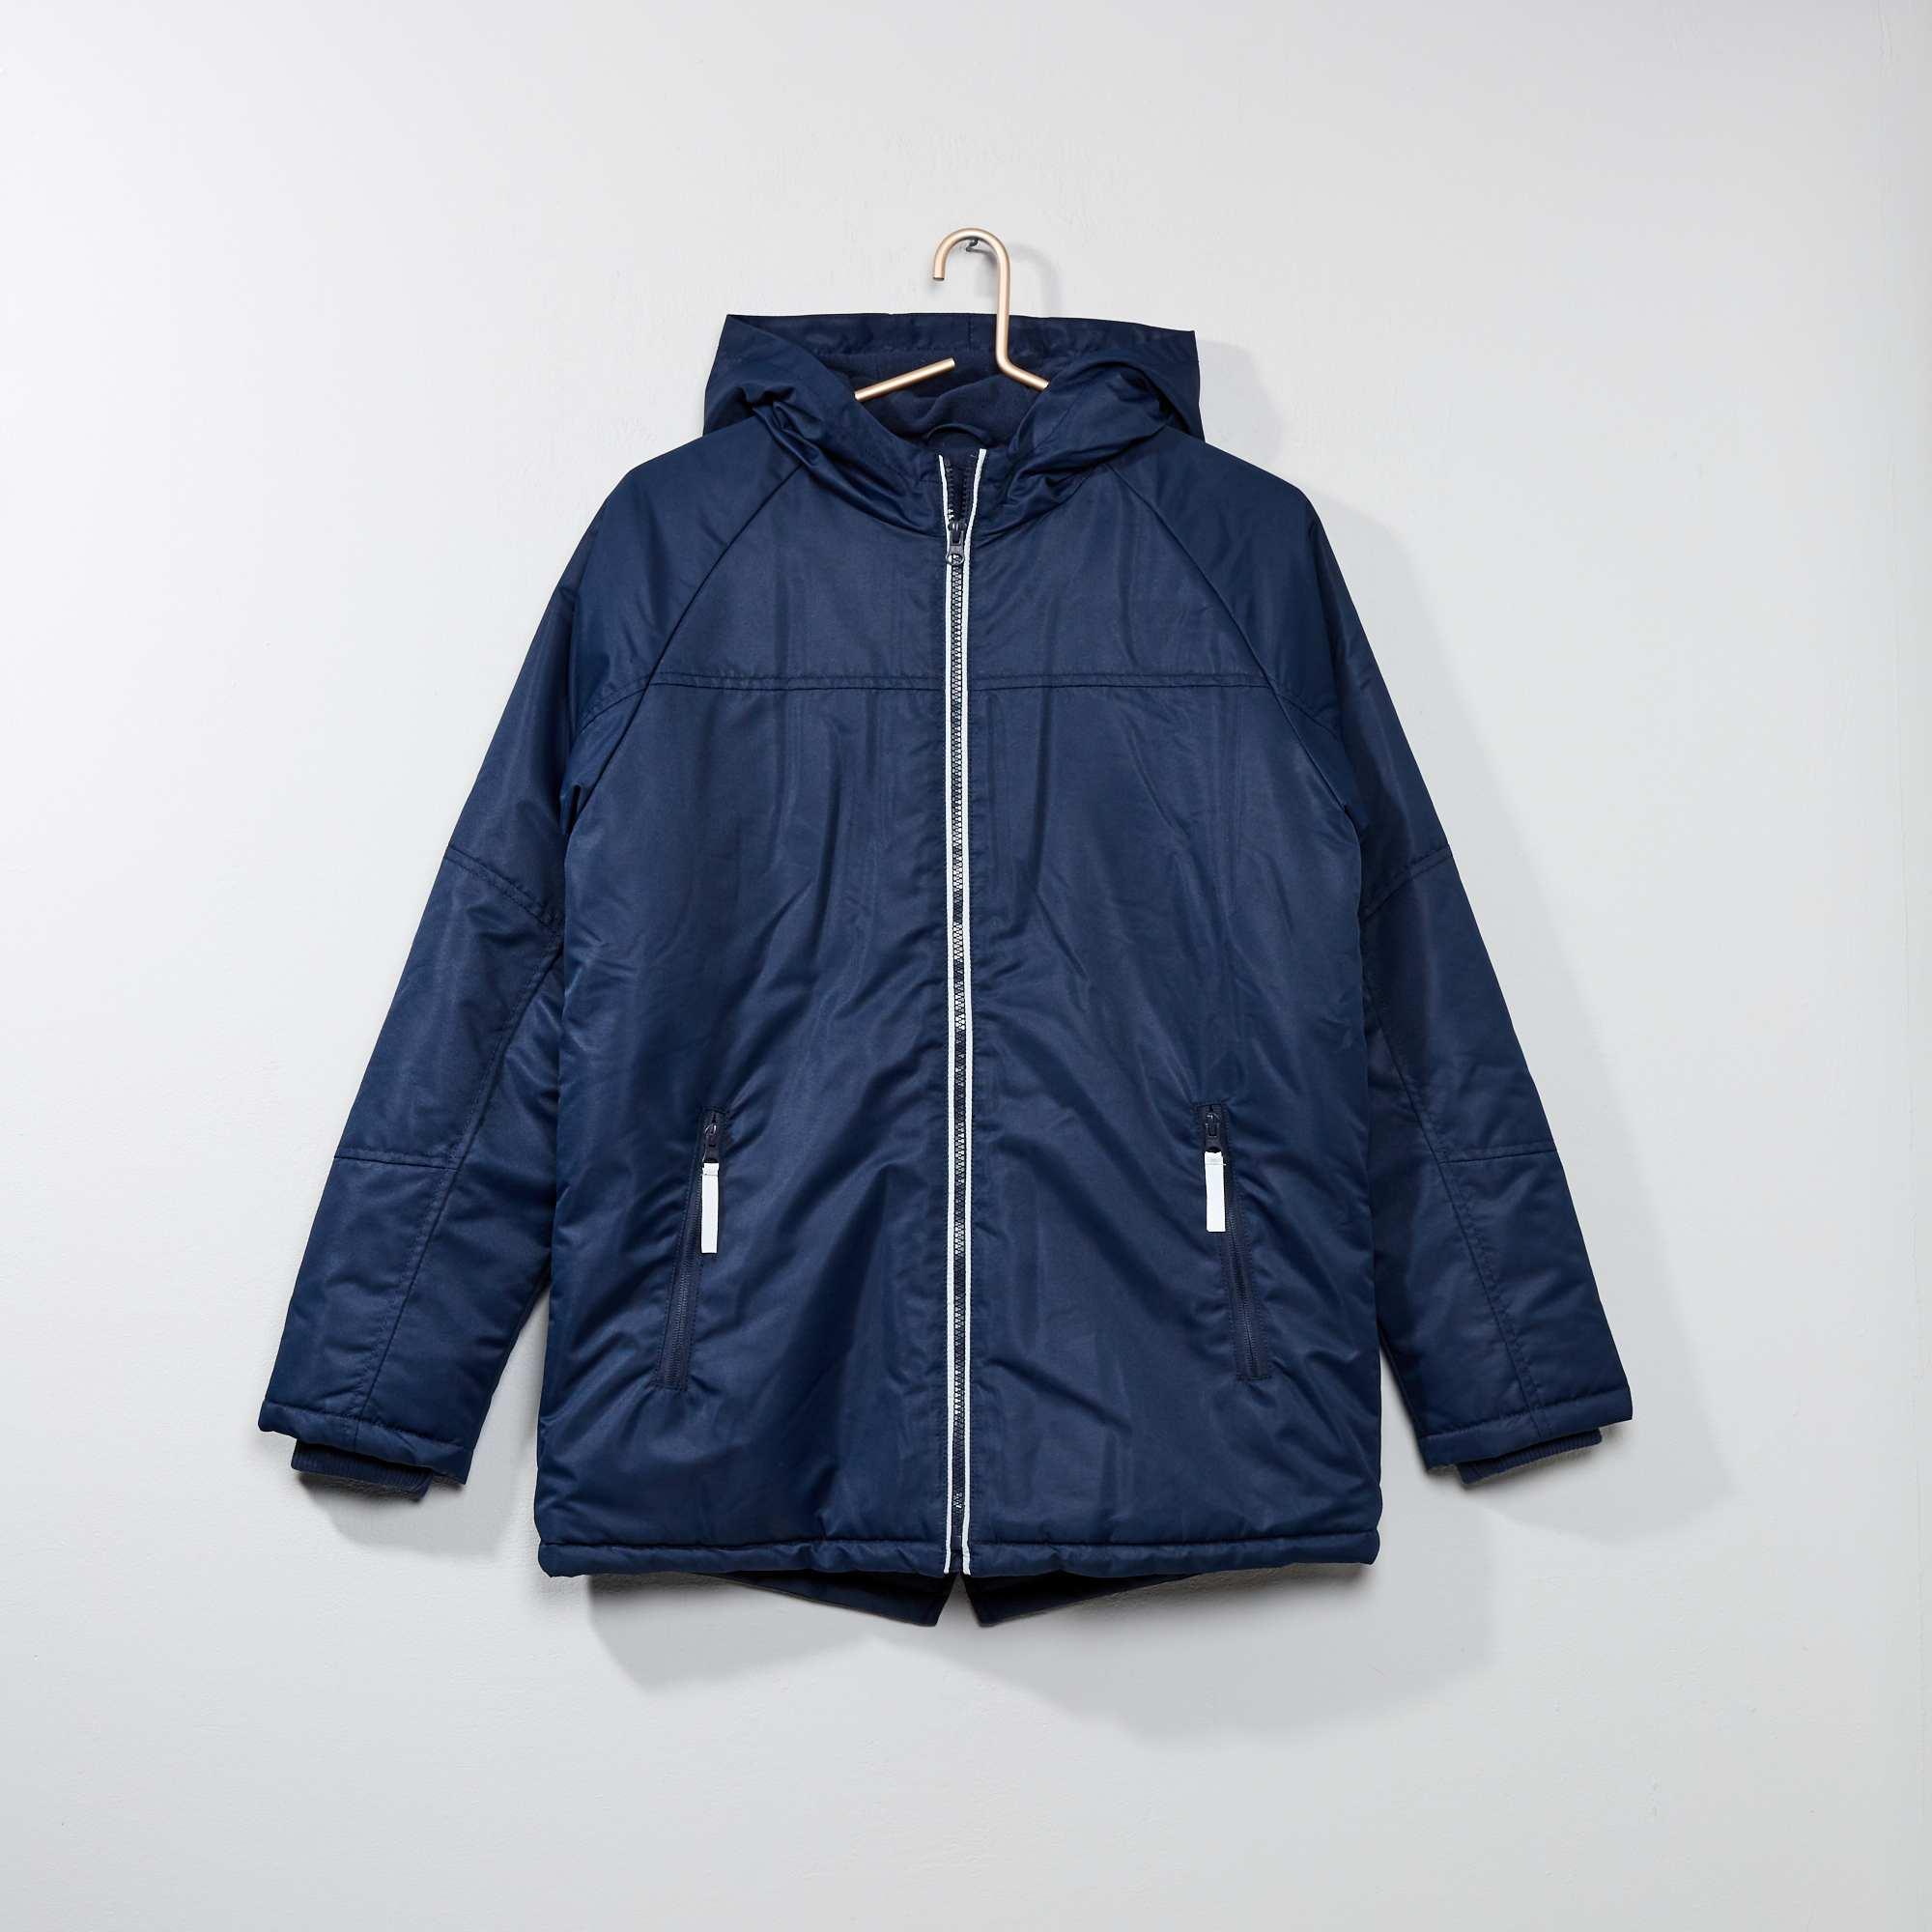 Couleur : bleu marine, , ,, - Taille : XS, S, M,,Les éléments réfléchissants sur sa veste pour plus de sécurité ! - Veste à capuche